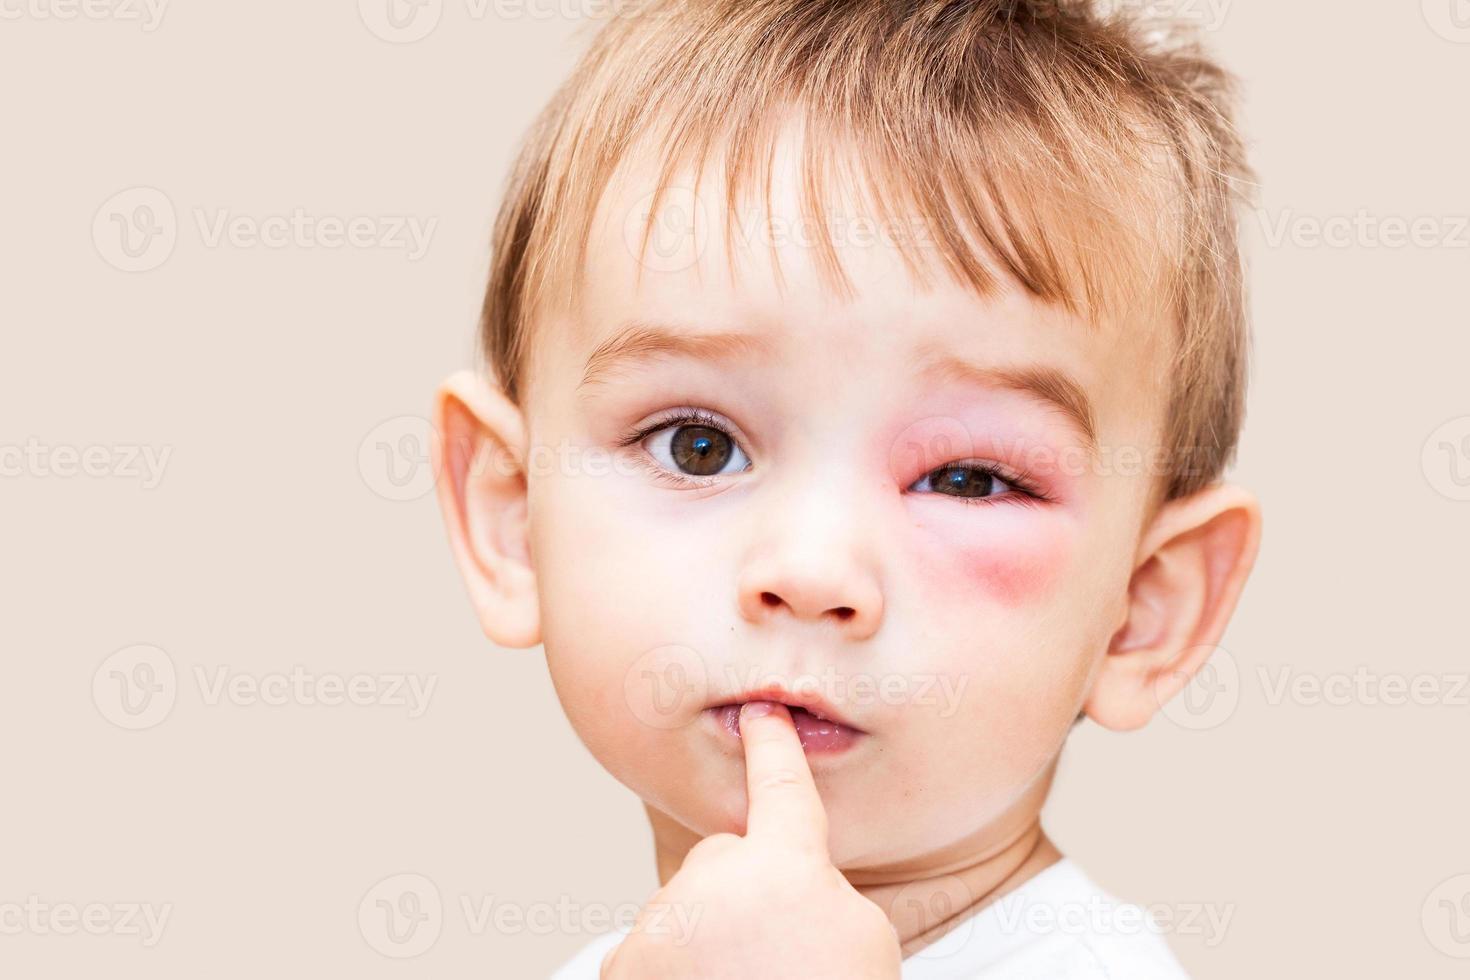 picaduras peligrosas de avispas cerca del ojo foto